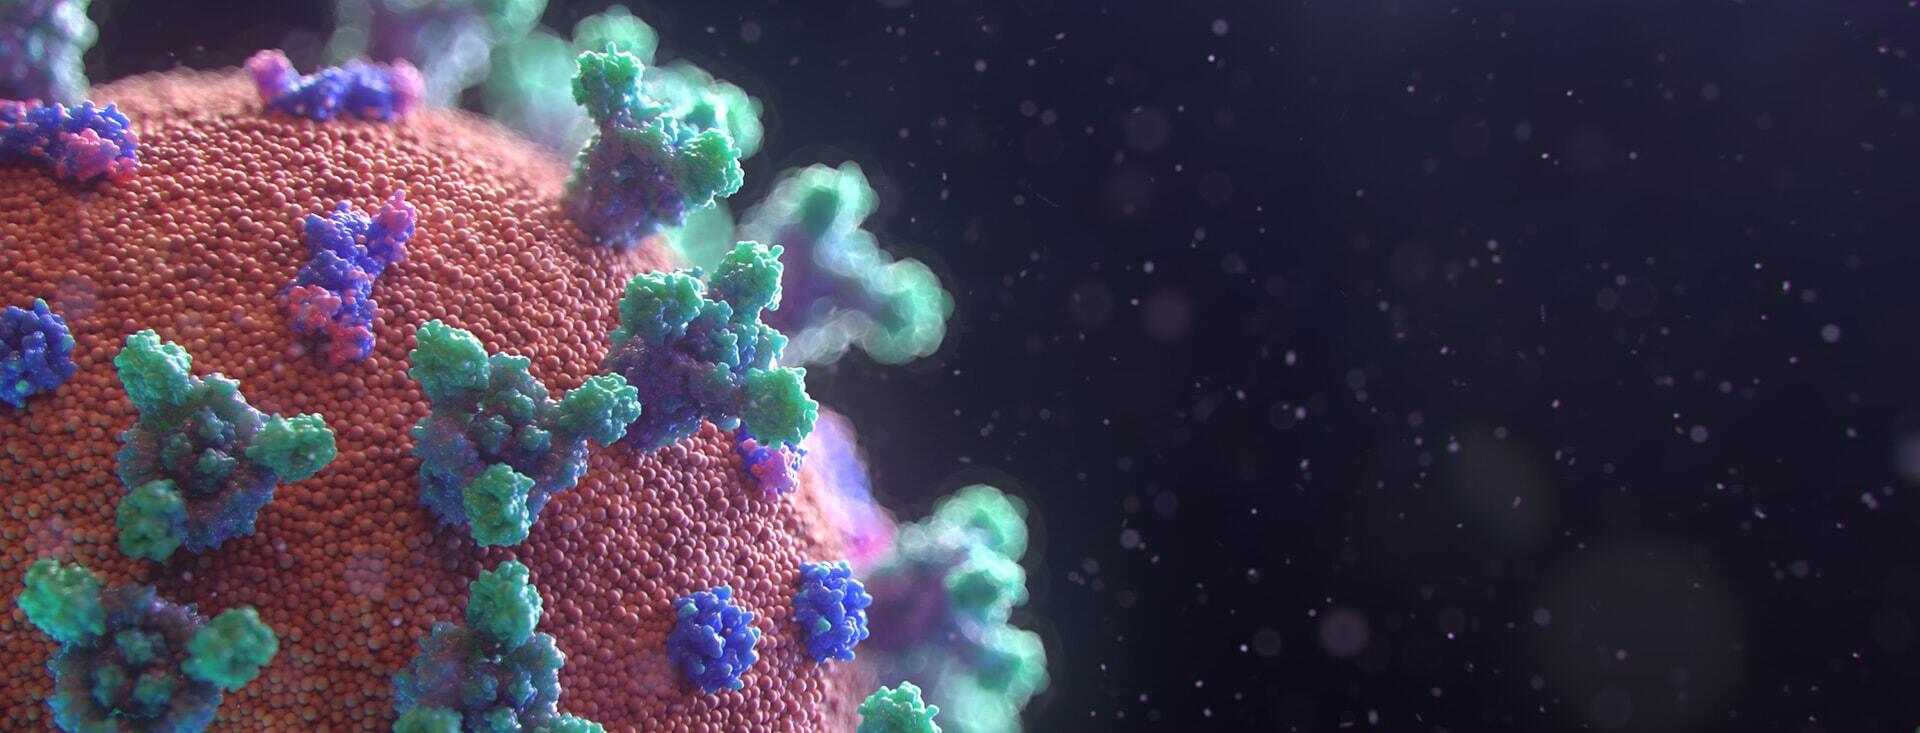 coronavirus visualisation